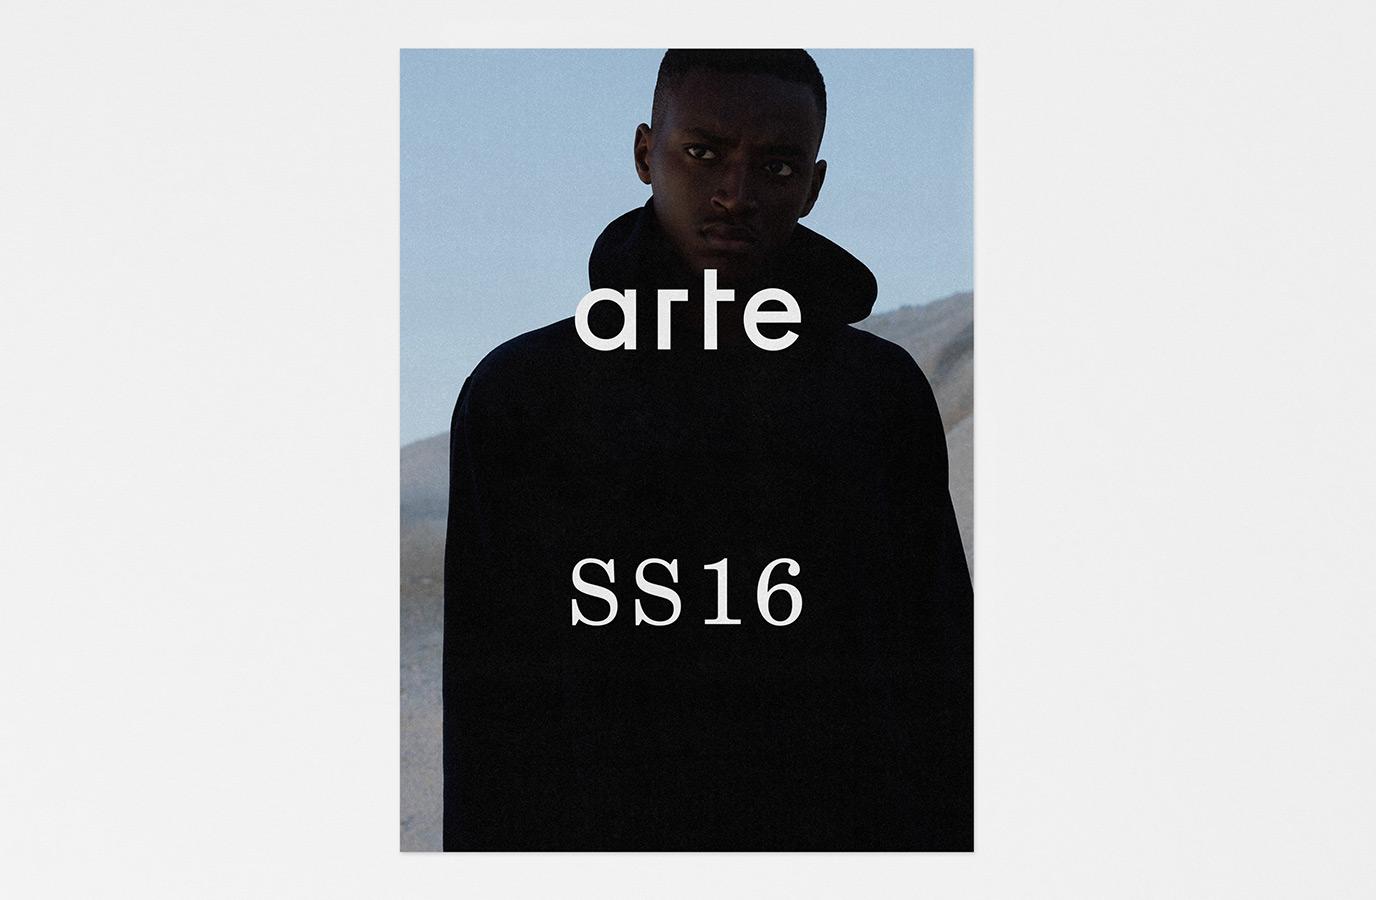 arte-1